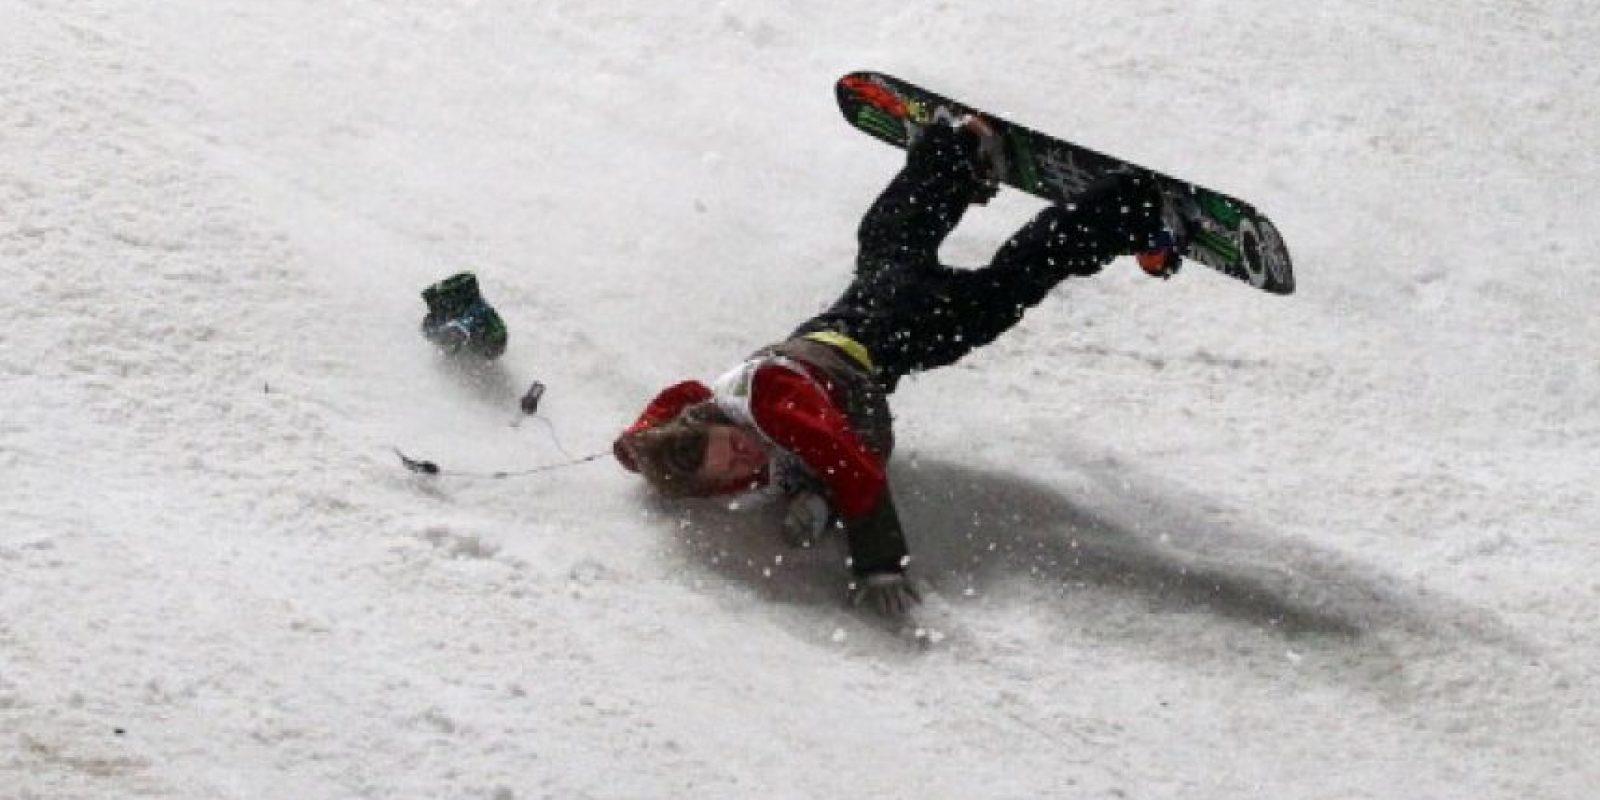 Se le considera deporte olímpico desde 1998 Foto:Getty Images